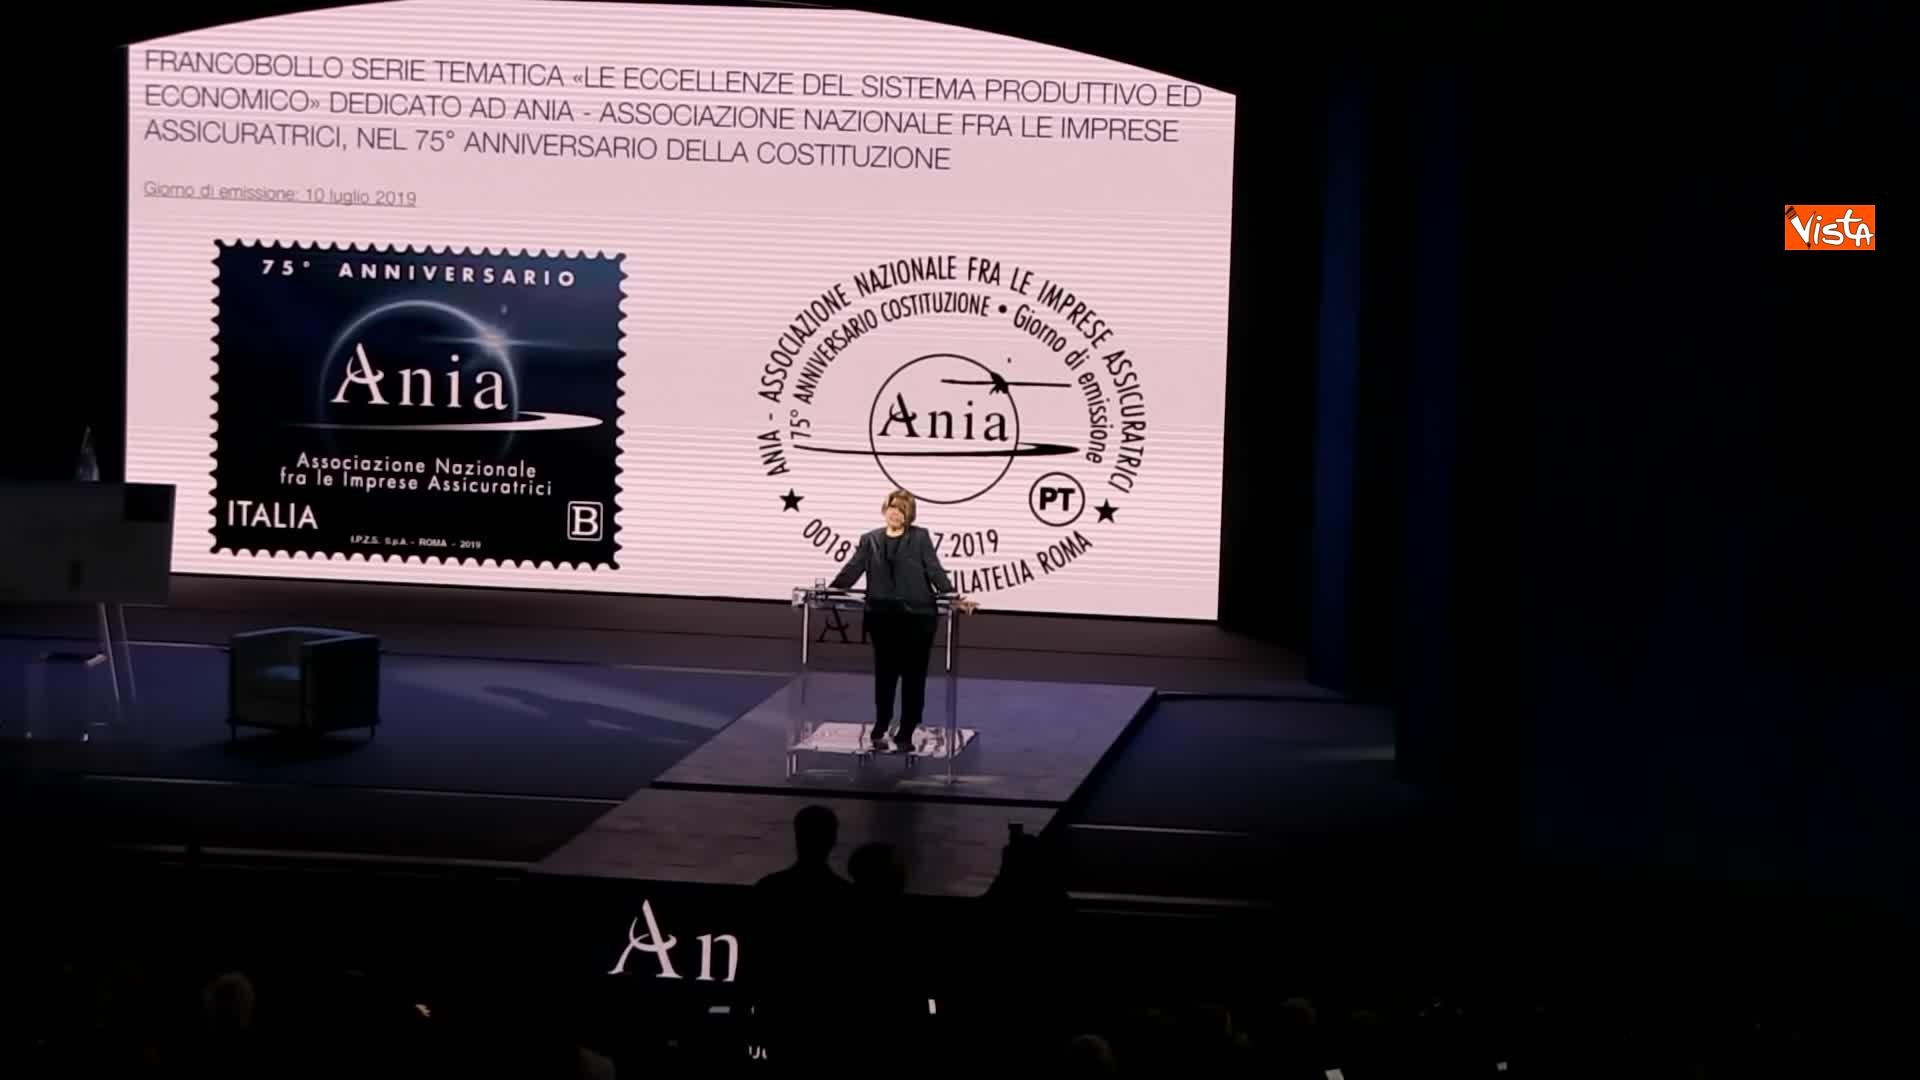 10-07-19 Ania l Assemblea con Conte Mattarella e la presidente Farina_Il francobollo per i 75 anni di Ania 03